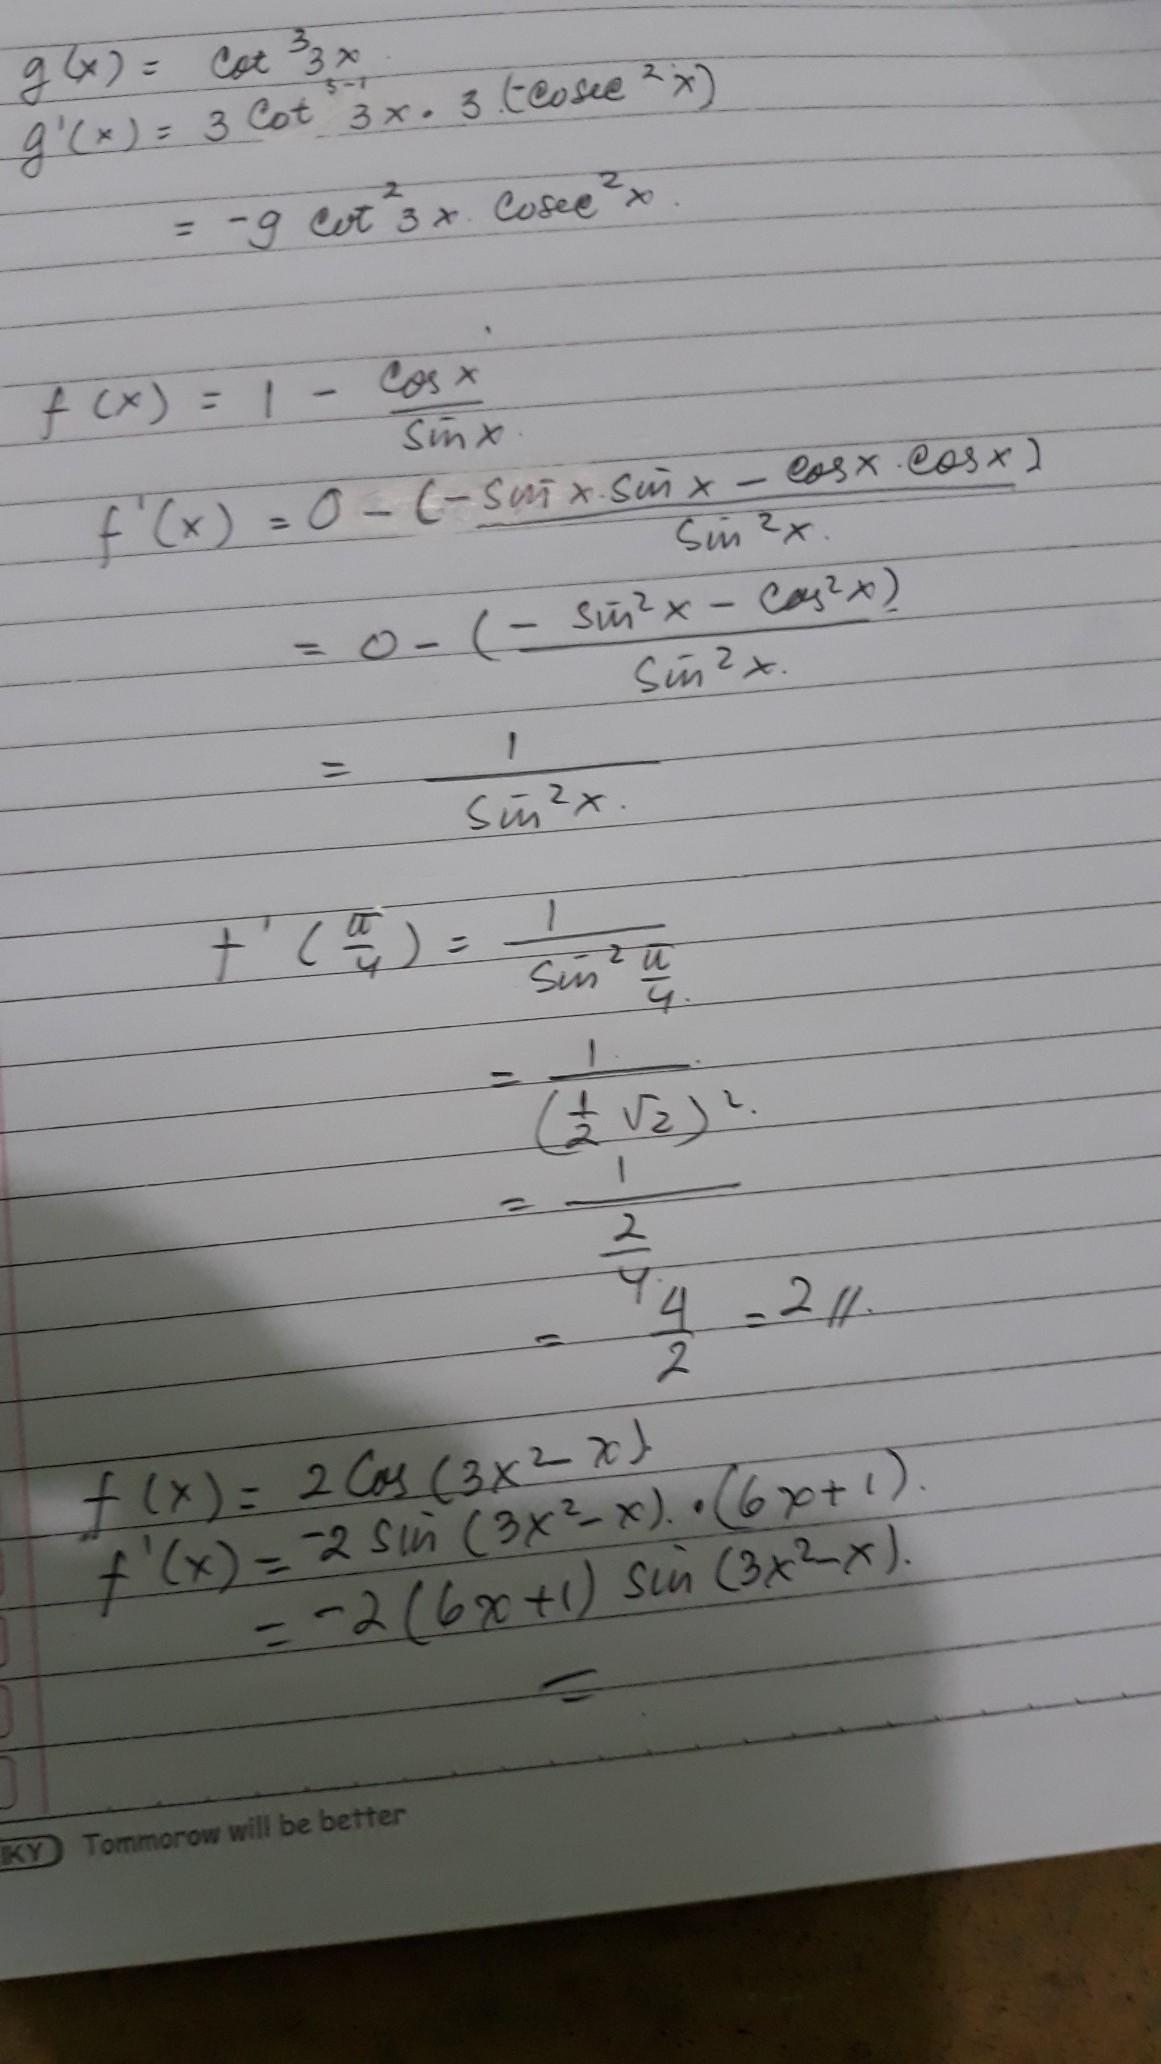 1) Turunan fungsi g(x) yang di nyatakan dengan g(x) cot³ ...